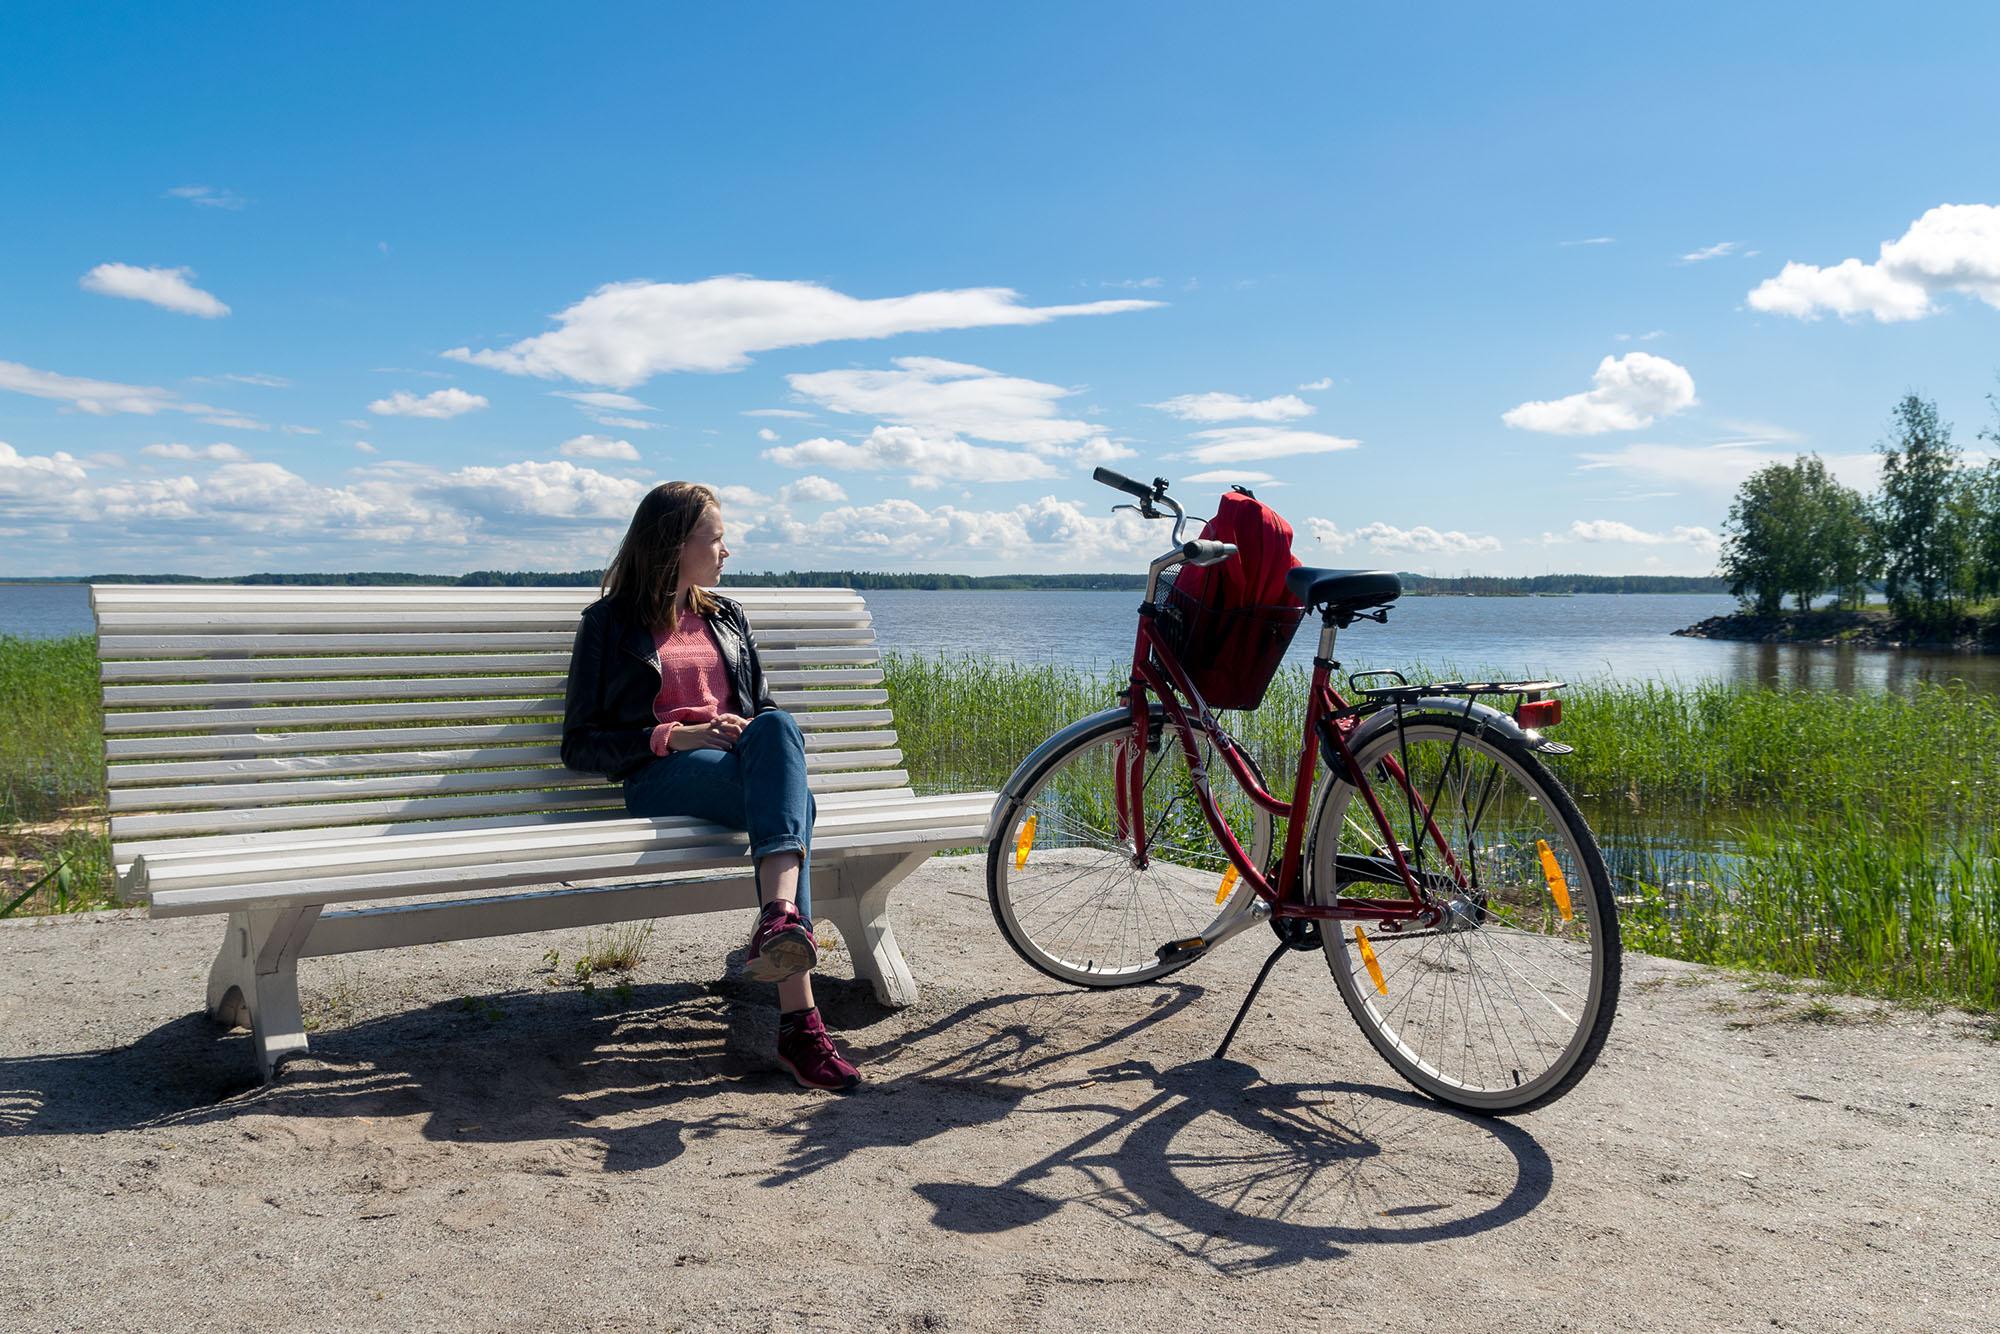 Vaasan nähtävyyksiä voi kiertää polkupyörällä